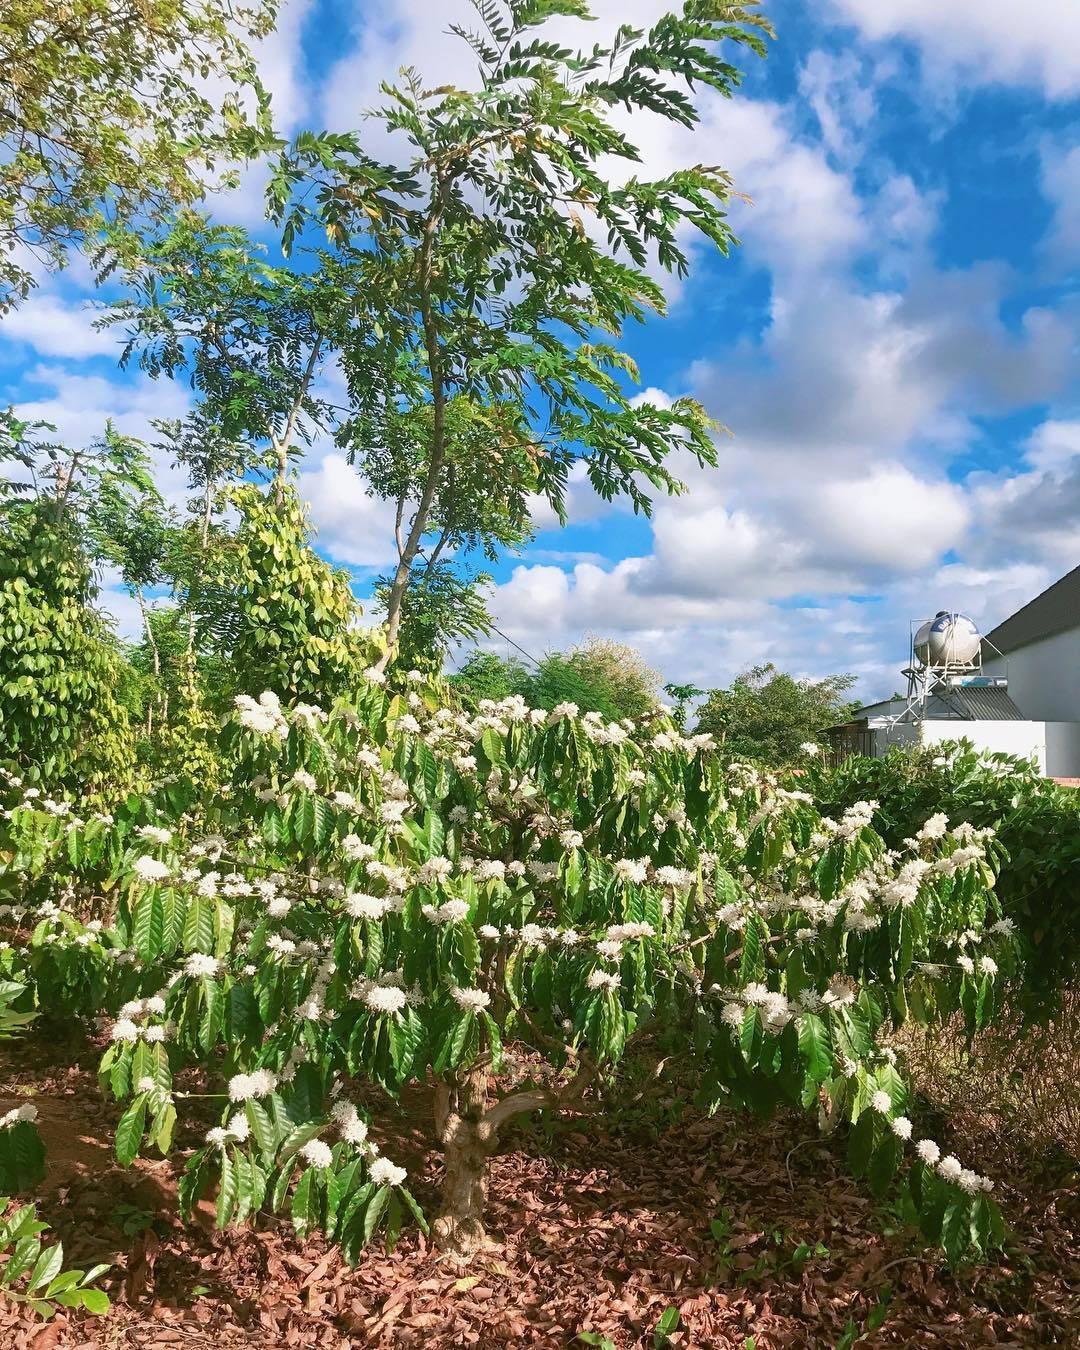 Tháng 3, bạt ngàn sắc trắng tinh khôi hoa cà phê tại đại ngàn Tây Nguyên - Ảnh 6.